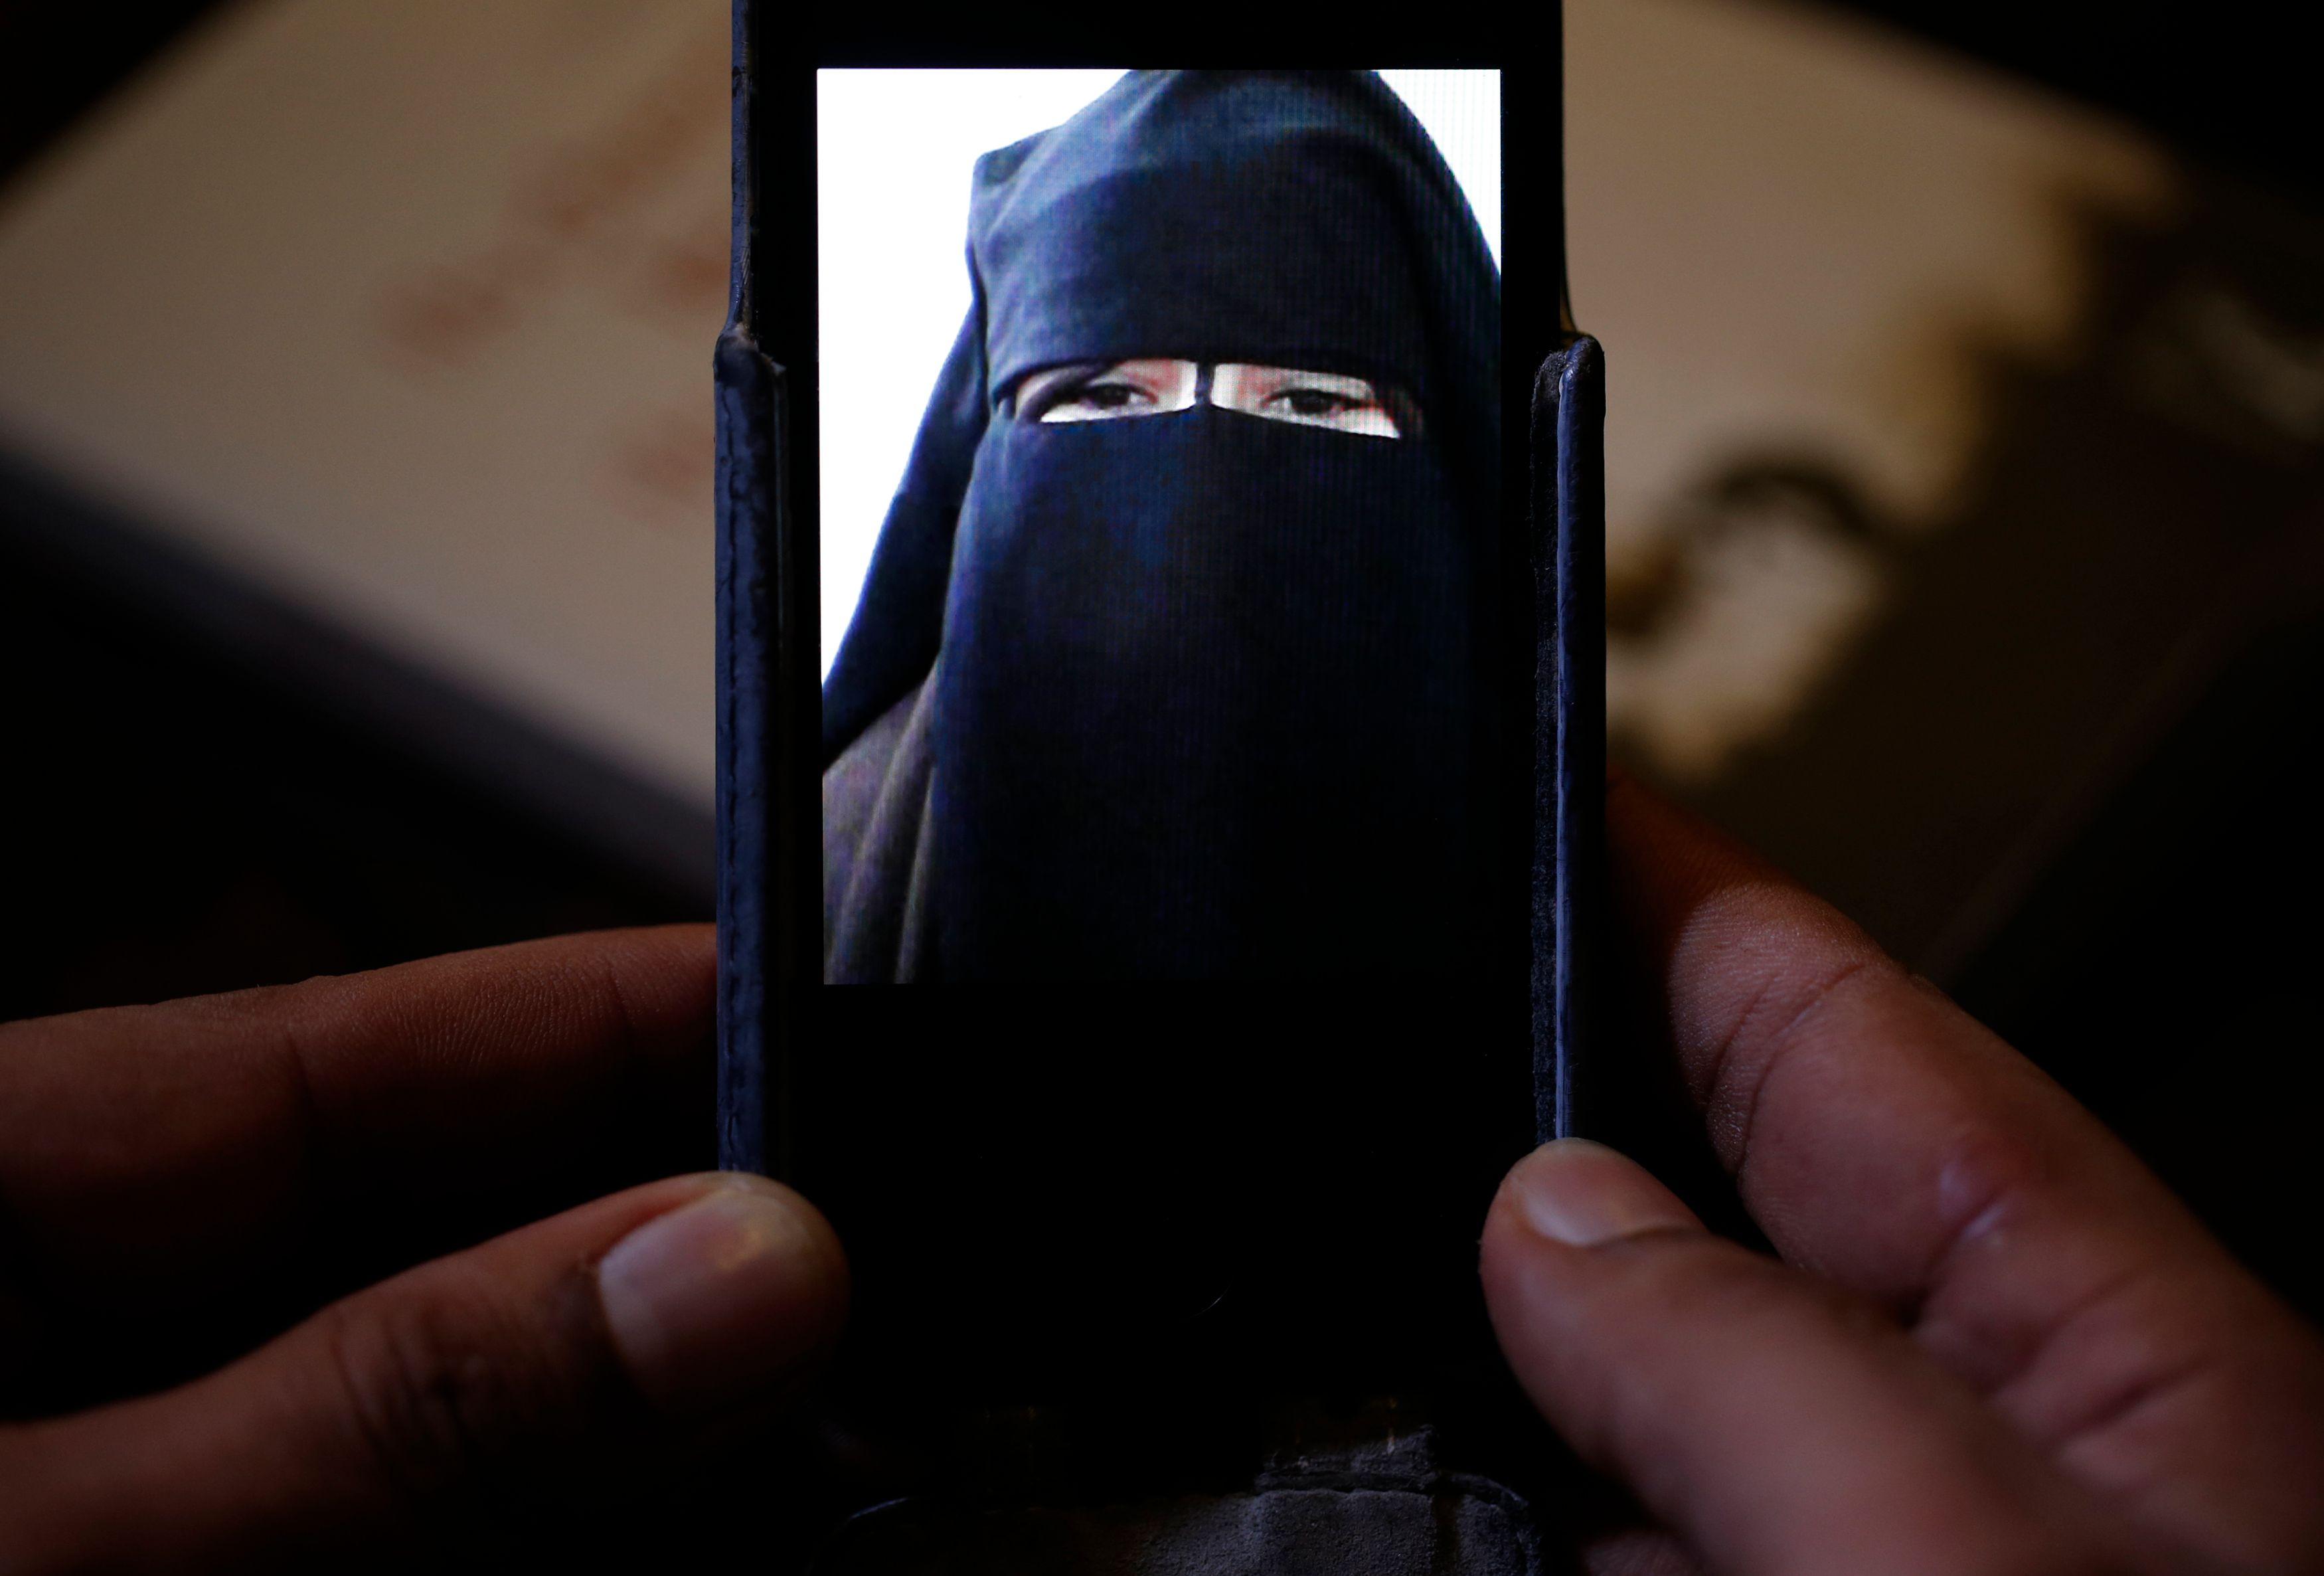 Une femme a déclenché la charge explosive qu'elle portait sur elle à Saint-Denis. Une première.